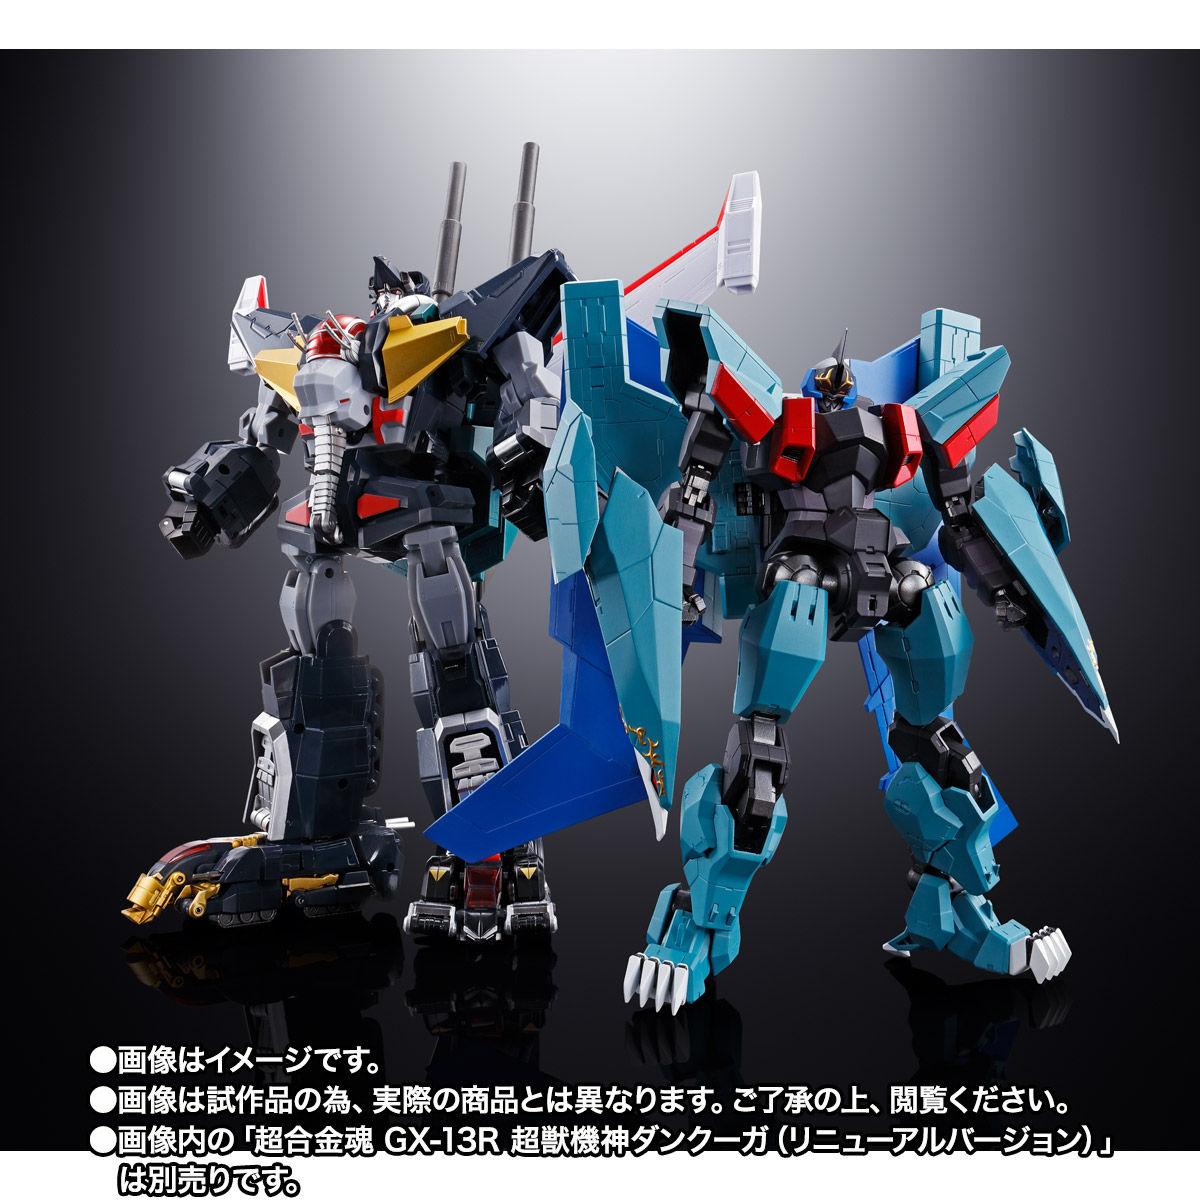 【限定販売】超合金魂 GX-94『ブラックウイング』超獣機神ダンクーガ 可変可動フィギュア-007